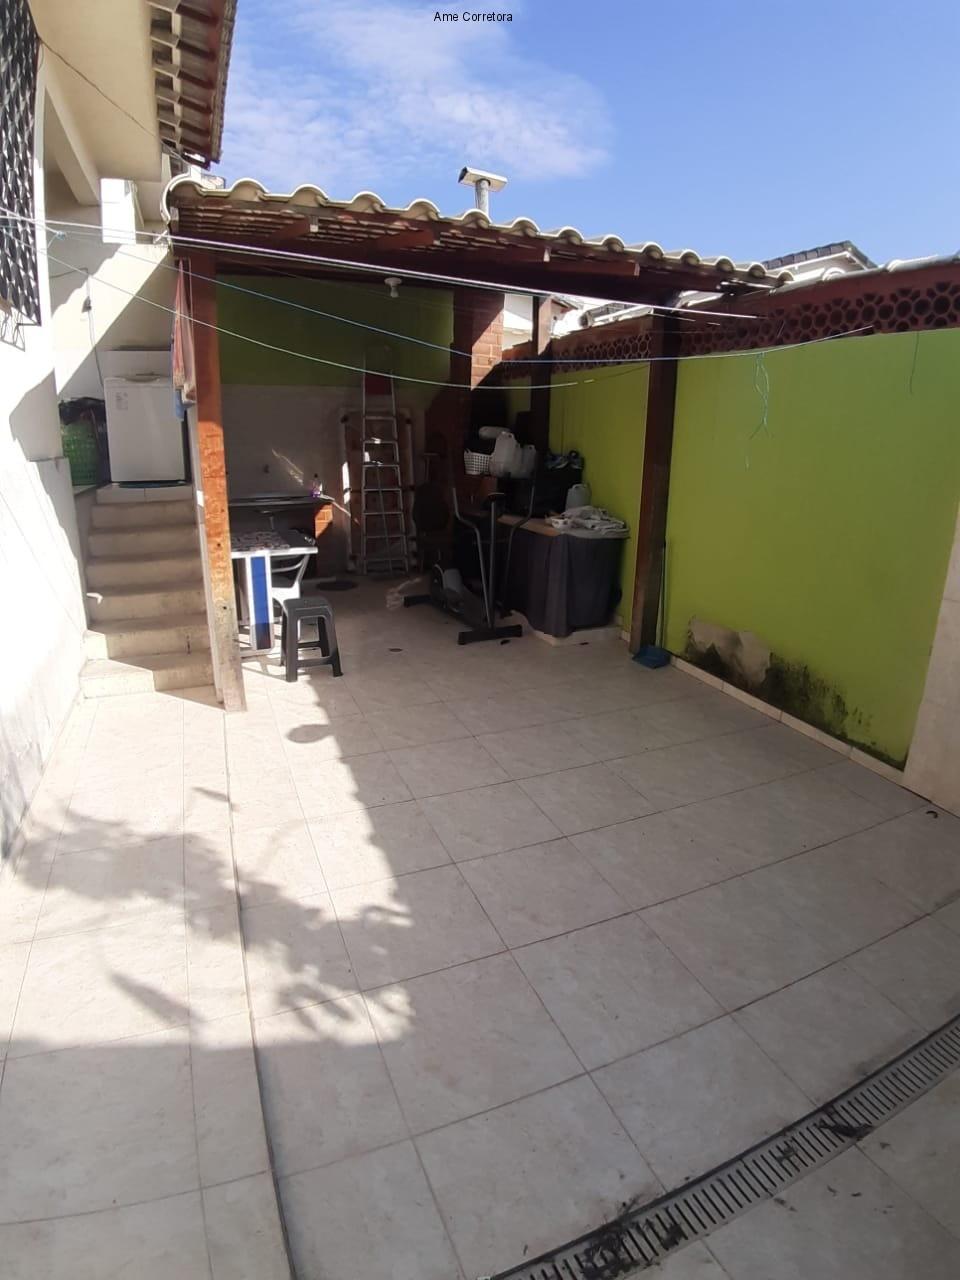 FOTO 09 - Casa 2 quartos à venda Campo Grande, Rio de Janeiro - R$ 315.000 - CA00639 - 10